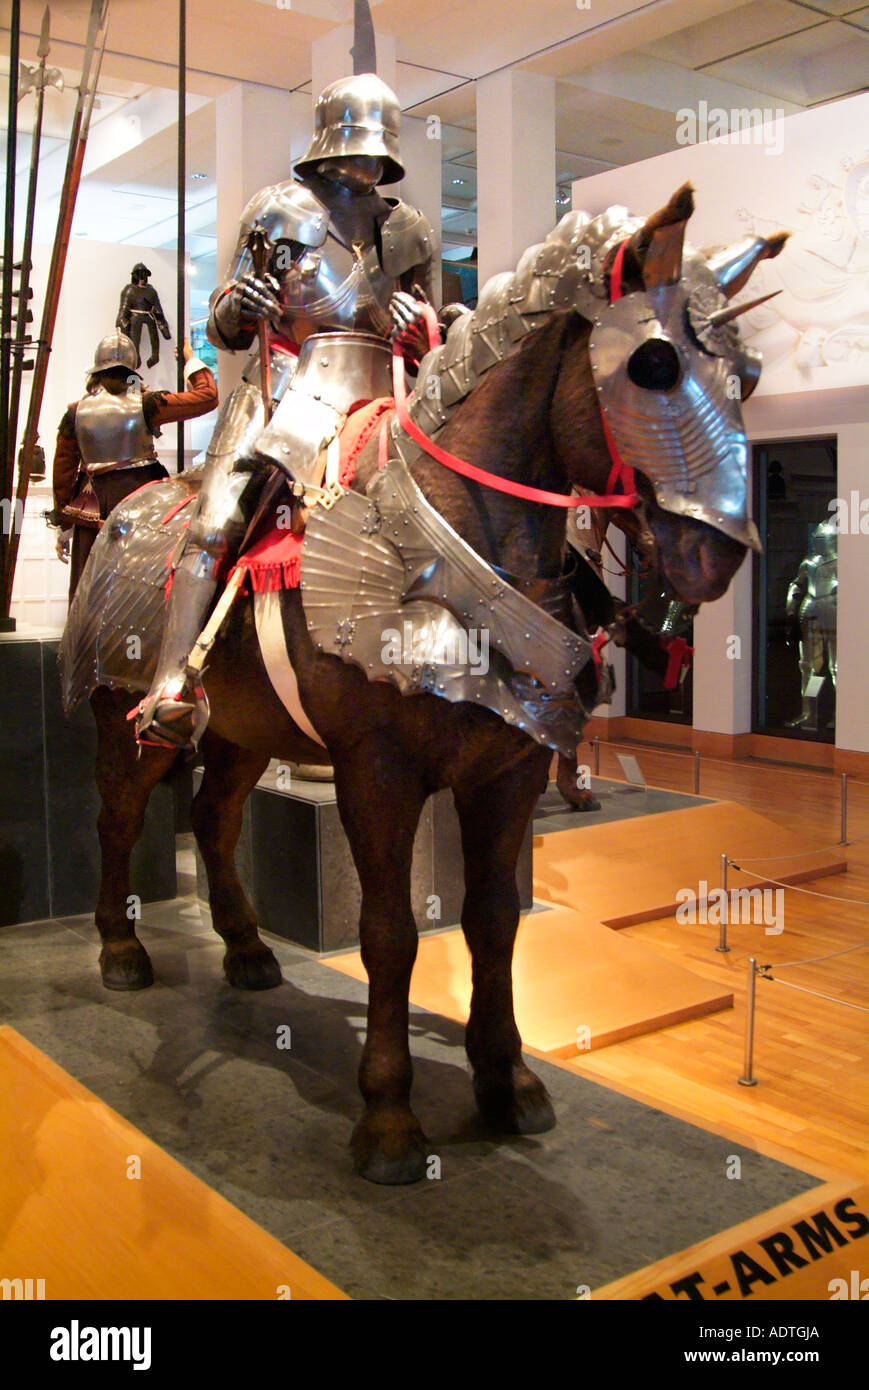 Pferd Kavallerie montiert Ritter Rüstung mittelalterlichen Leeds Royal Arsenal Interieur Galerie England UK-Vereinigtes Königreich-GB Stockbild